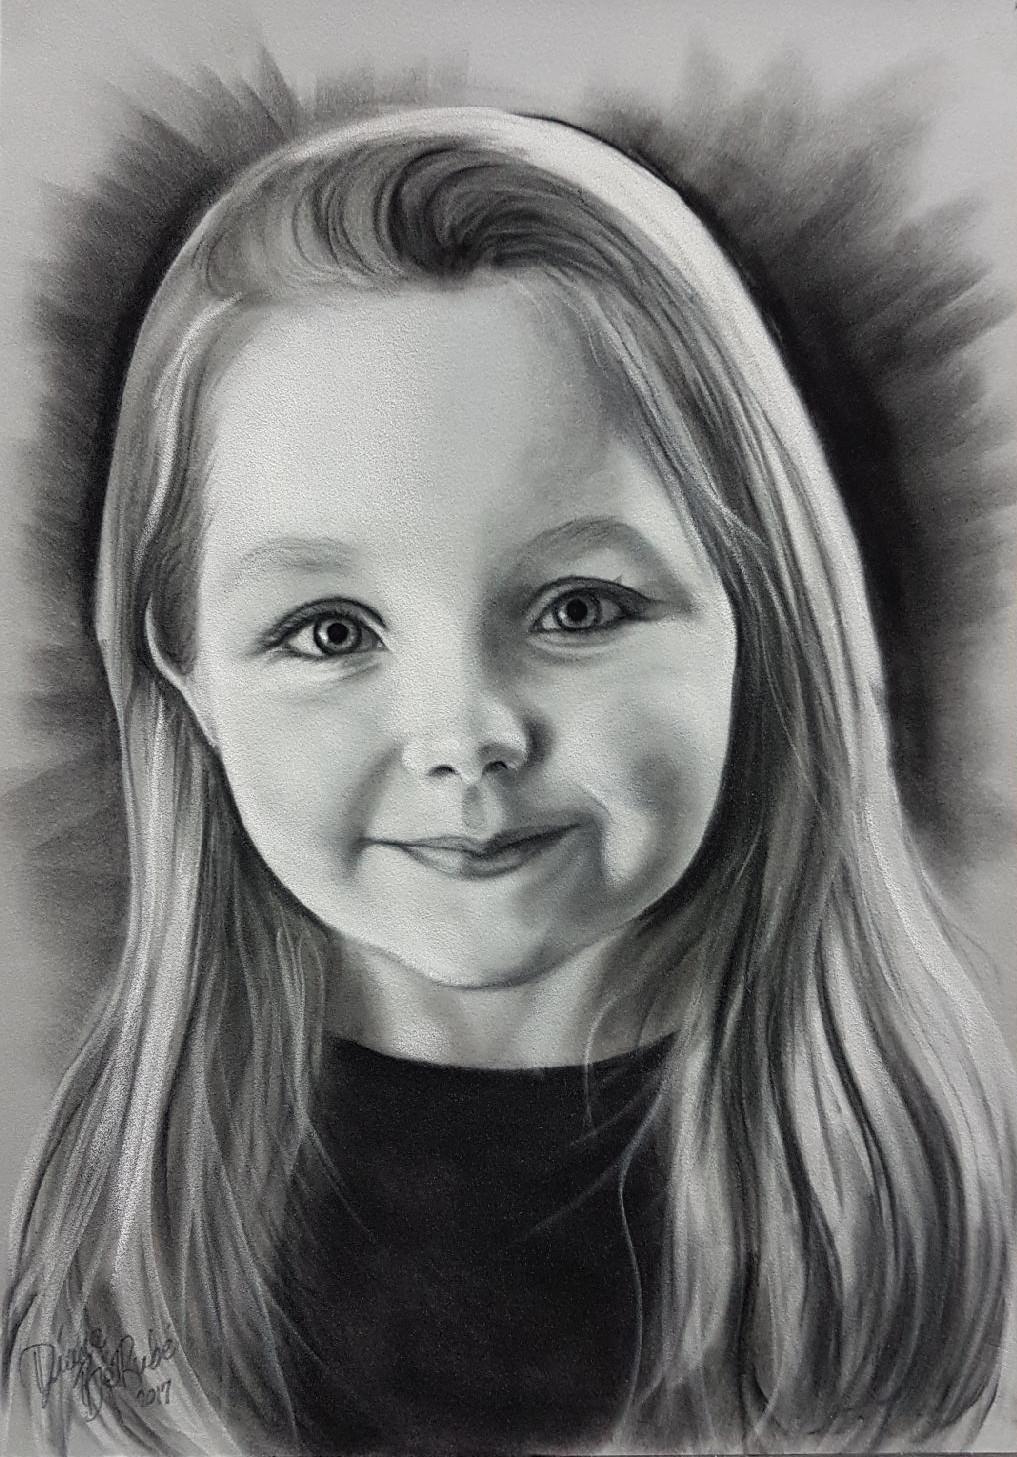 Alyson-portrait-fusain-diane-berube